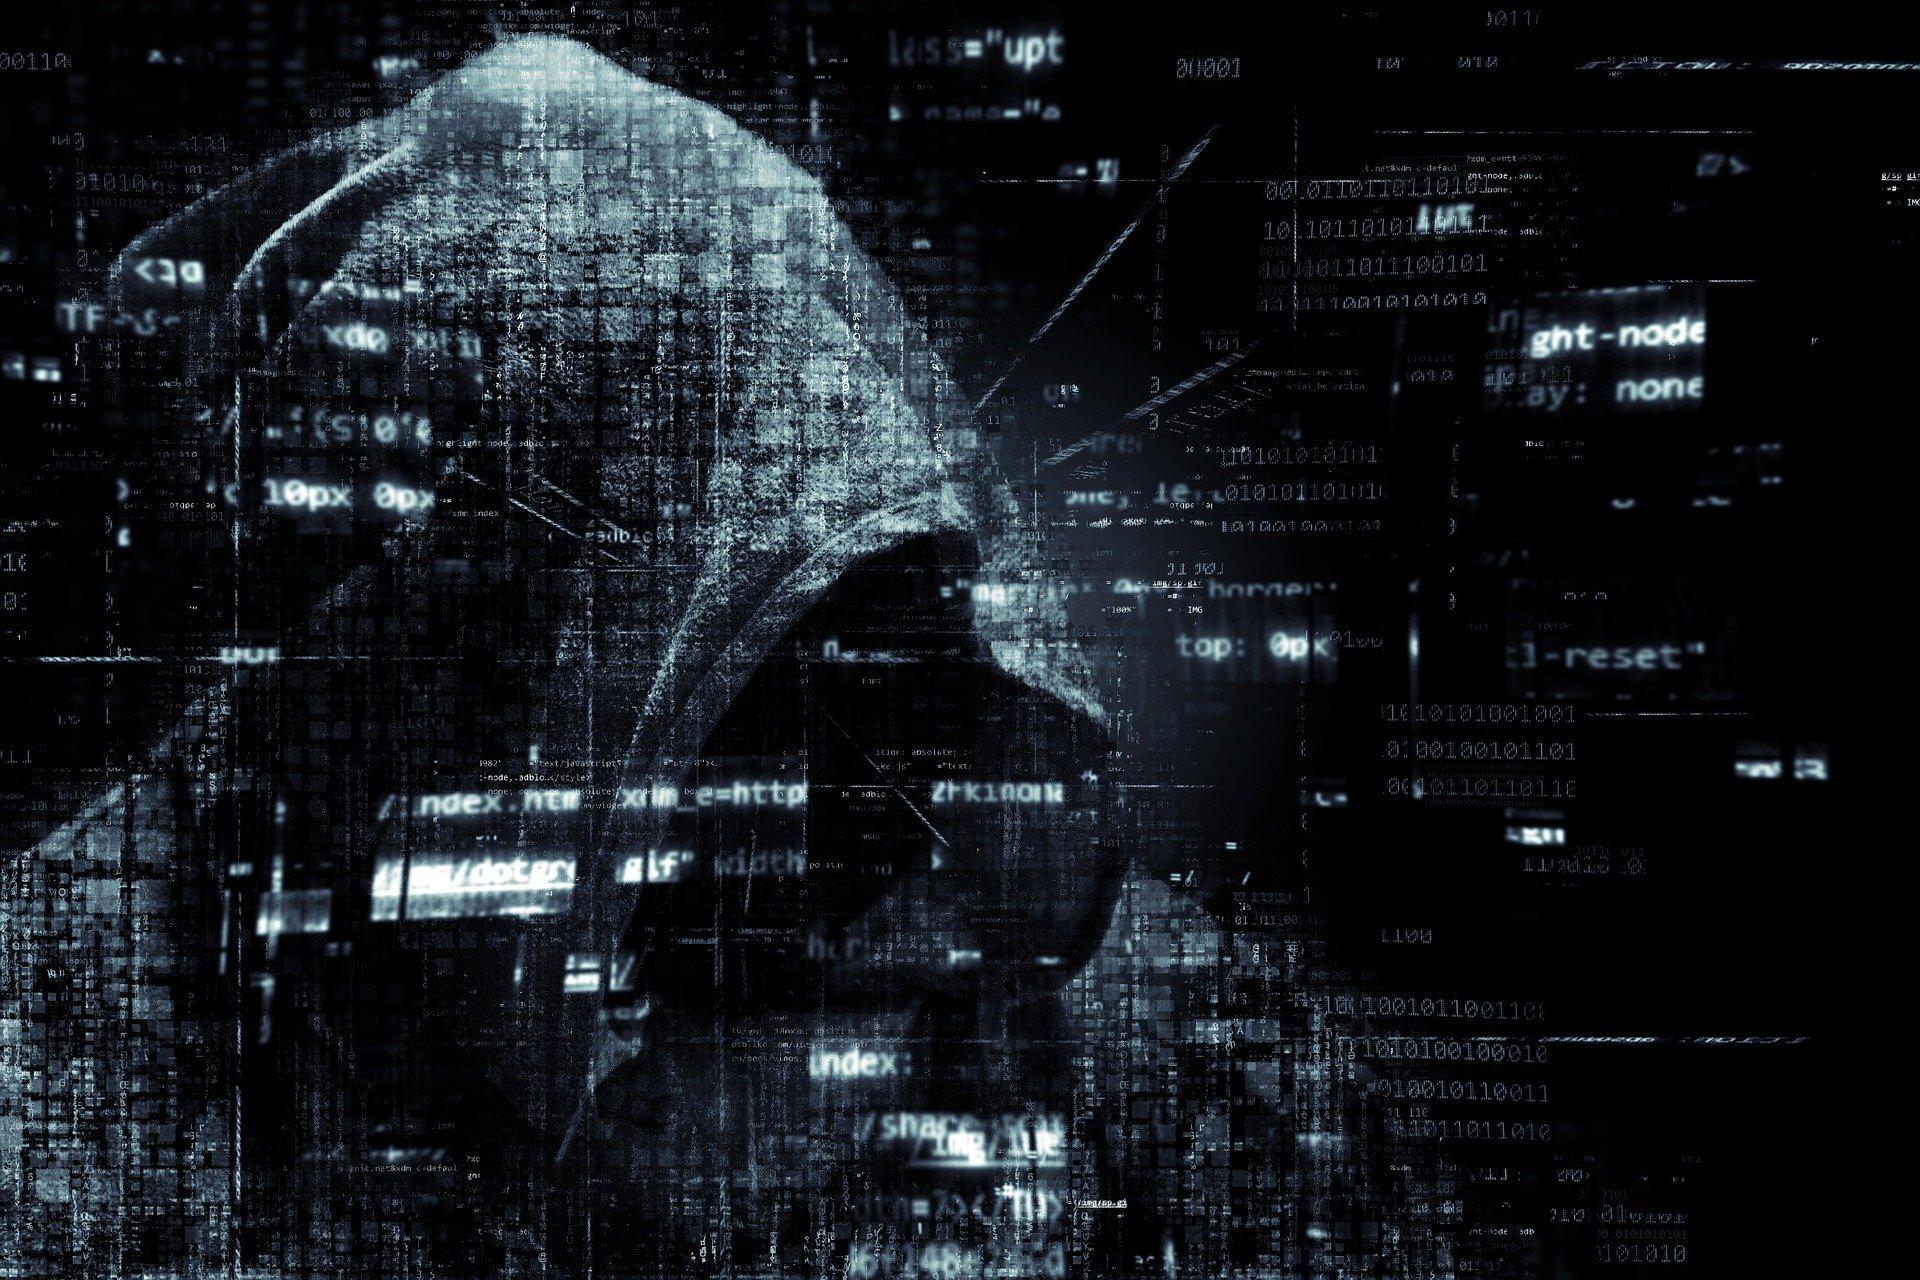 أفضل 16 ممارسات حماية للووردبريس من المخترقين – أفعل ما عليك لأمان وصيانة موقعك